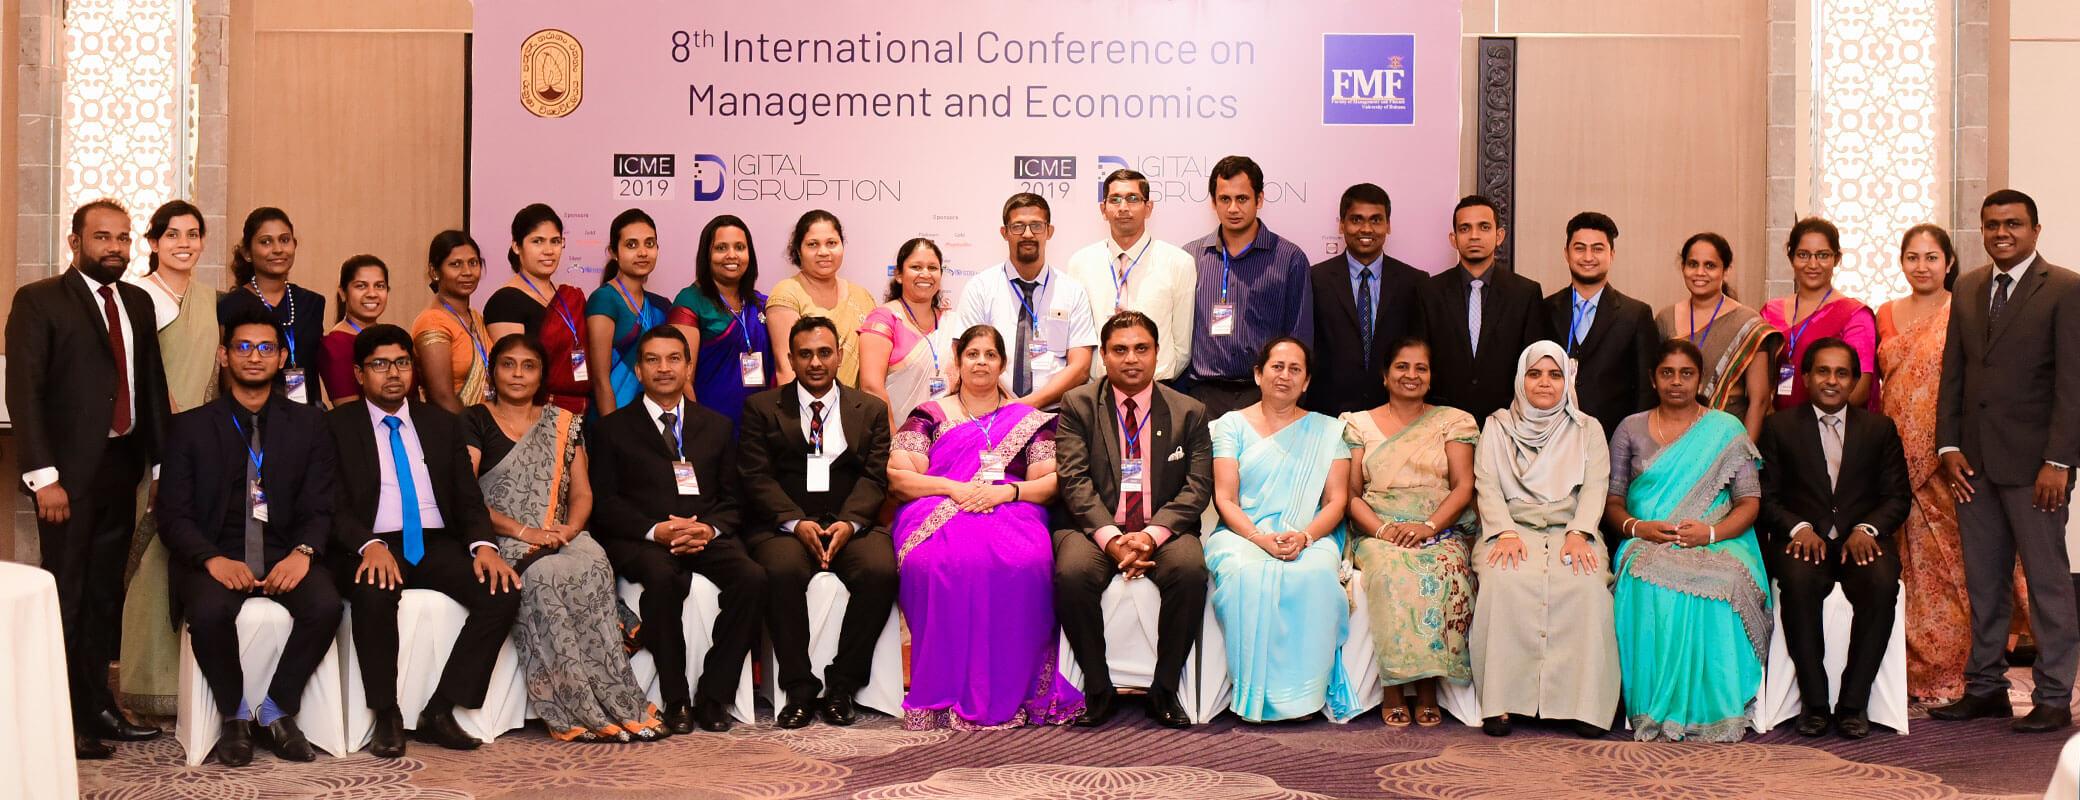 ICME 2019